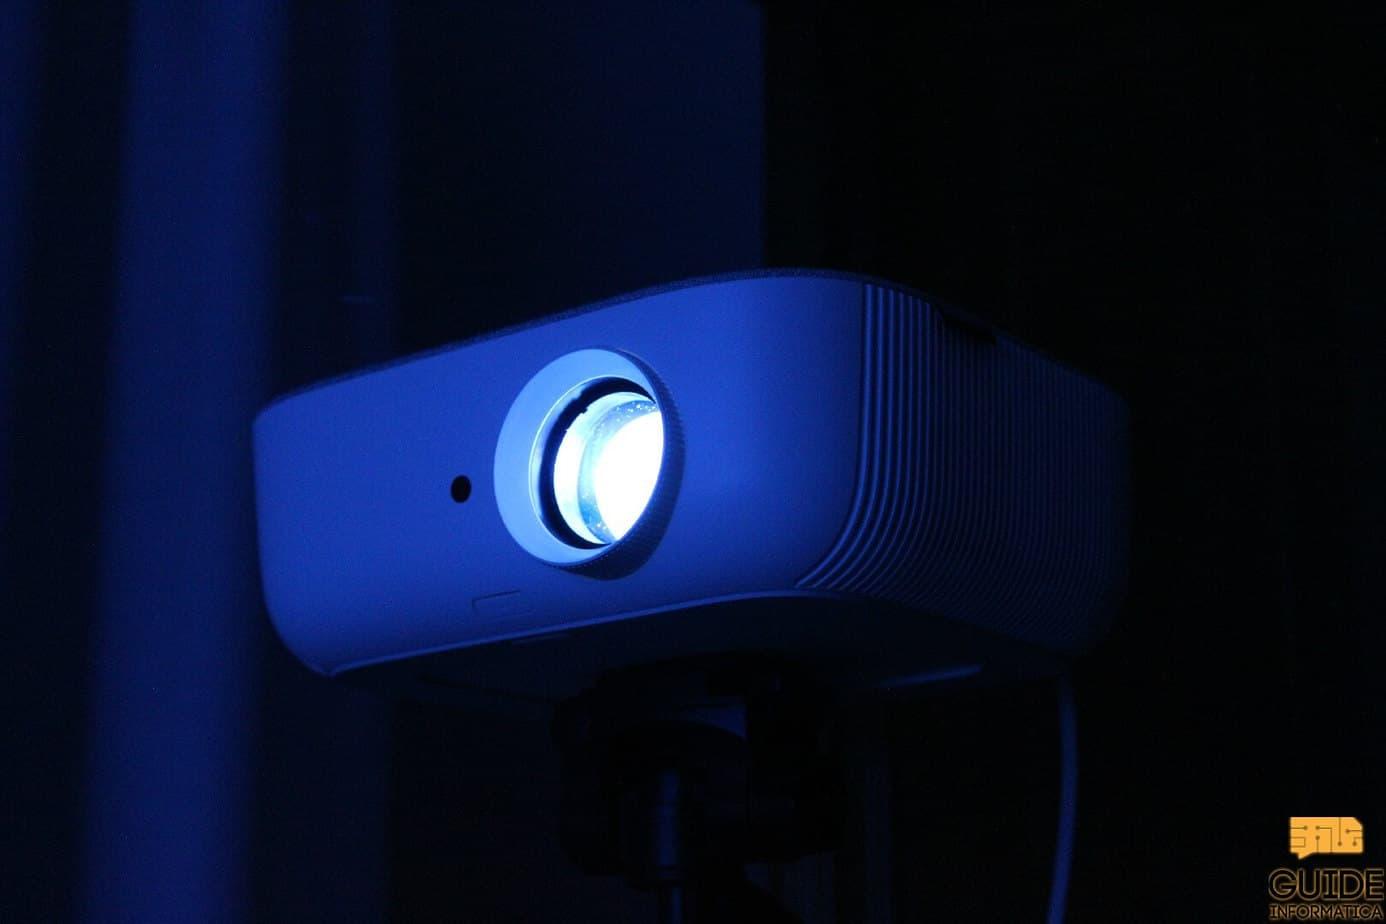 Nebula Prizm proiettore recensione